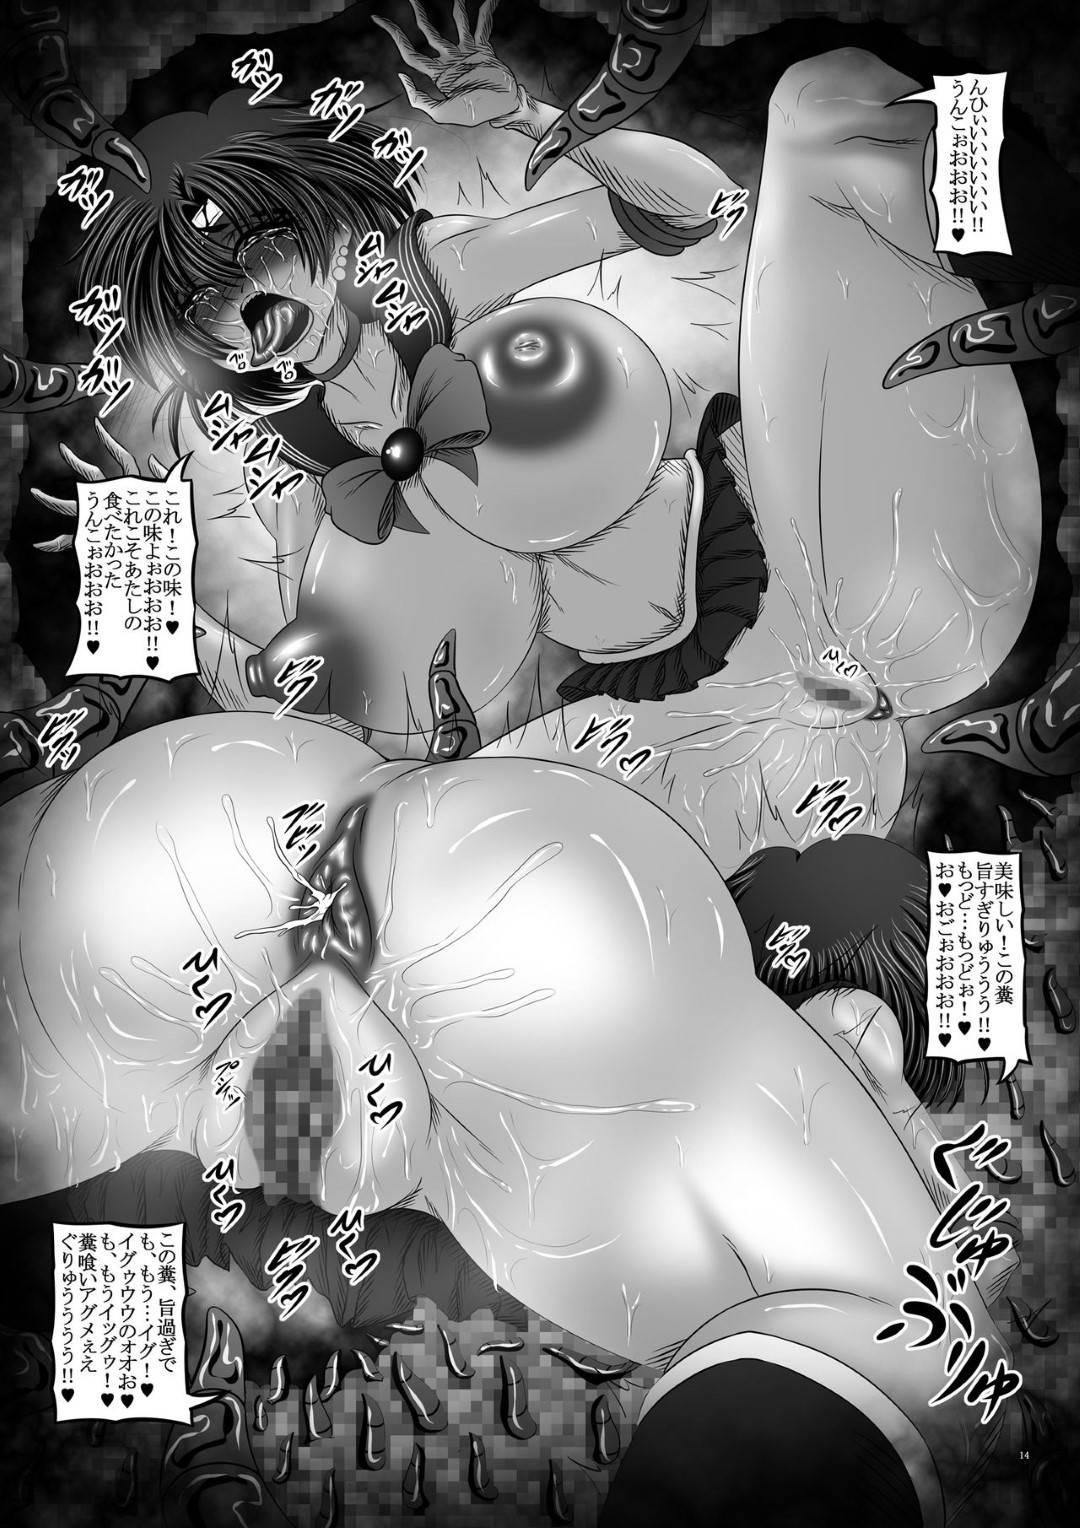 【エロ同人誌】数日前に敗北した妖魔に犯され奴隷にされた水野亜美…それからトイレが落ち着く場所になり汚い場所を好みスカトロに目覚めてしまう!【ぱいんとさいず (八月一日冬至、TKS):汚水/美少女戦士セーラームーン】